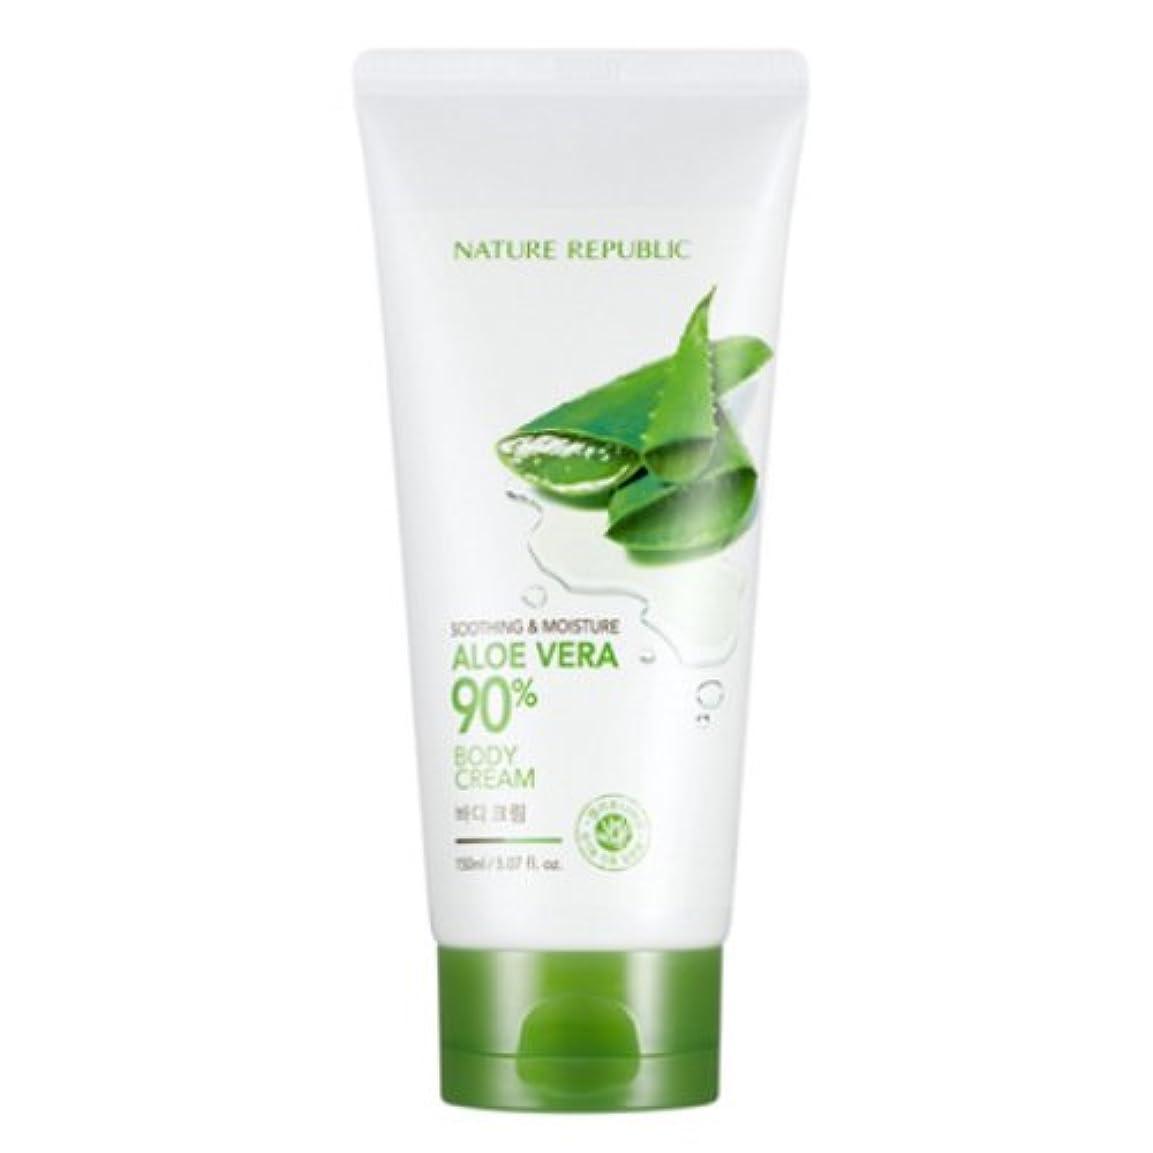 テクスチャーコミットメントログ[ネイチャーリパブリック] Nature republicスージングアンドモイスチャーアロエベラ90%ボディクリーム海外直送品(Soothing And Moisture Aloe Vera90%Body Cream)...